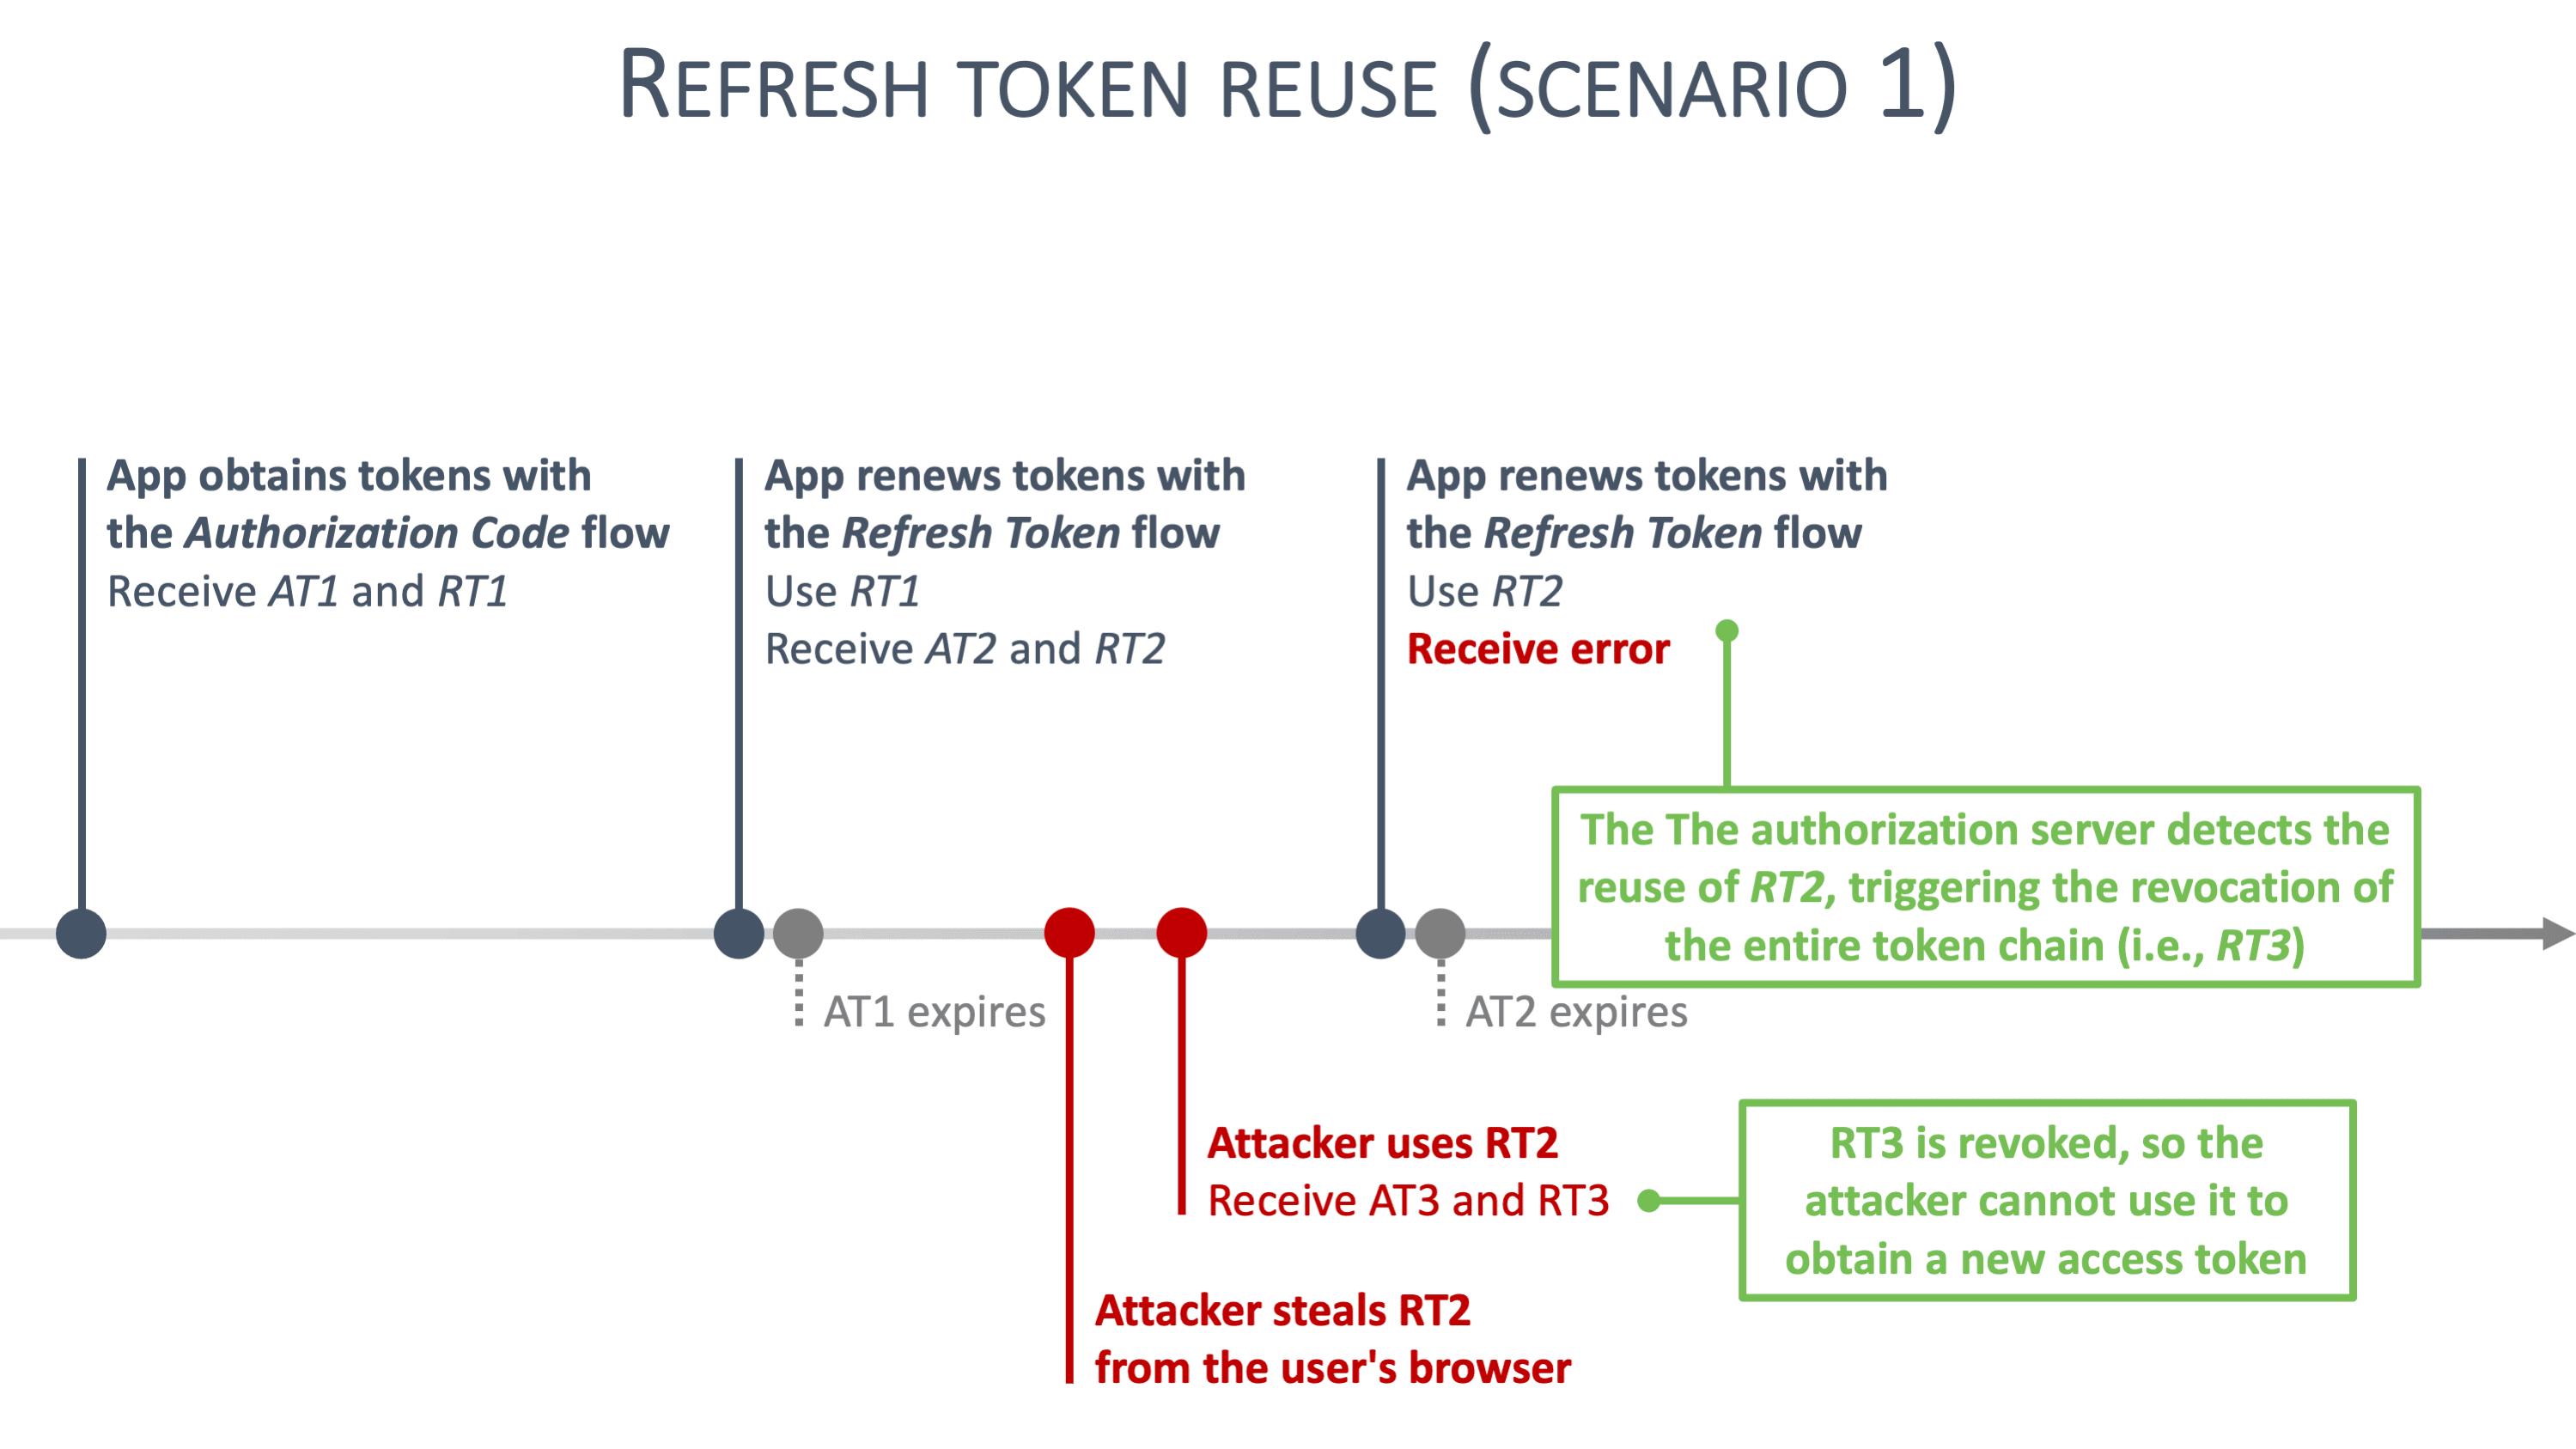 Refresh token rotation scenario 1 graphic